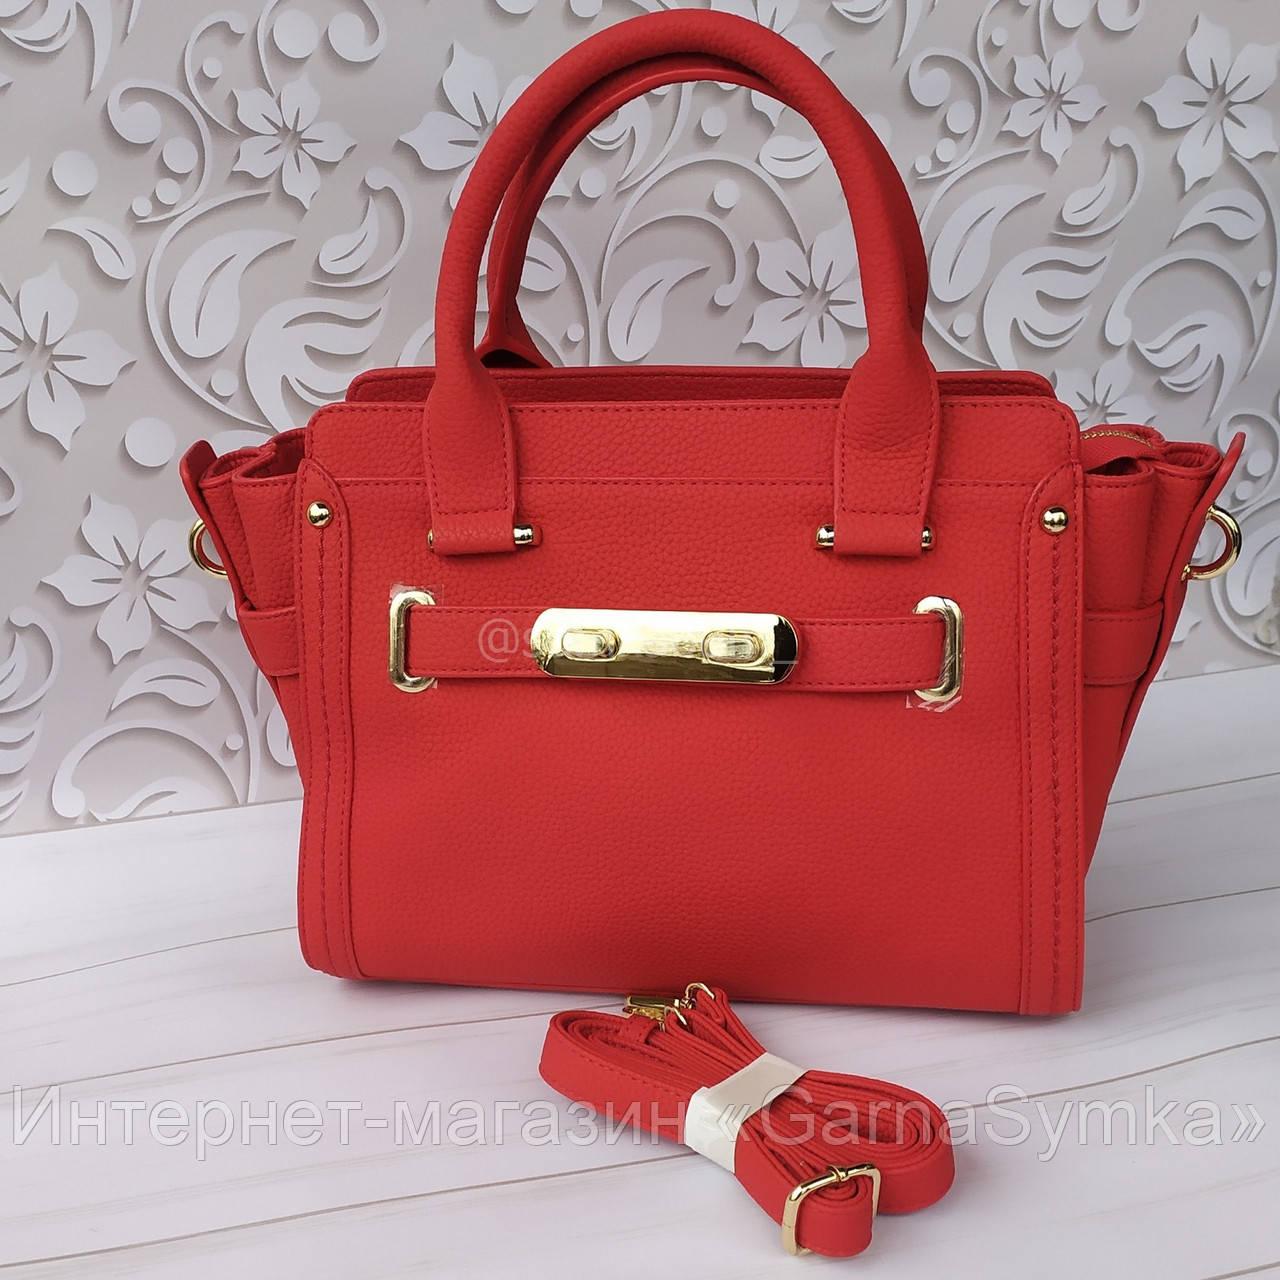 Очень модная сумка в насыщенном красном цвете